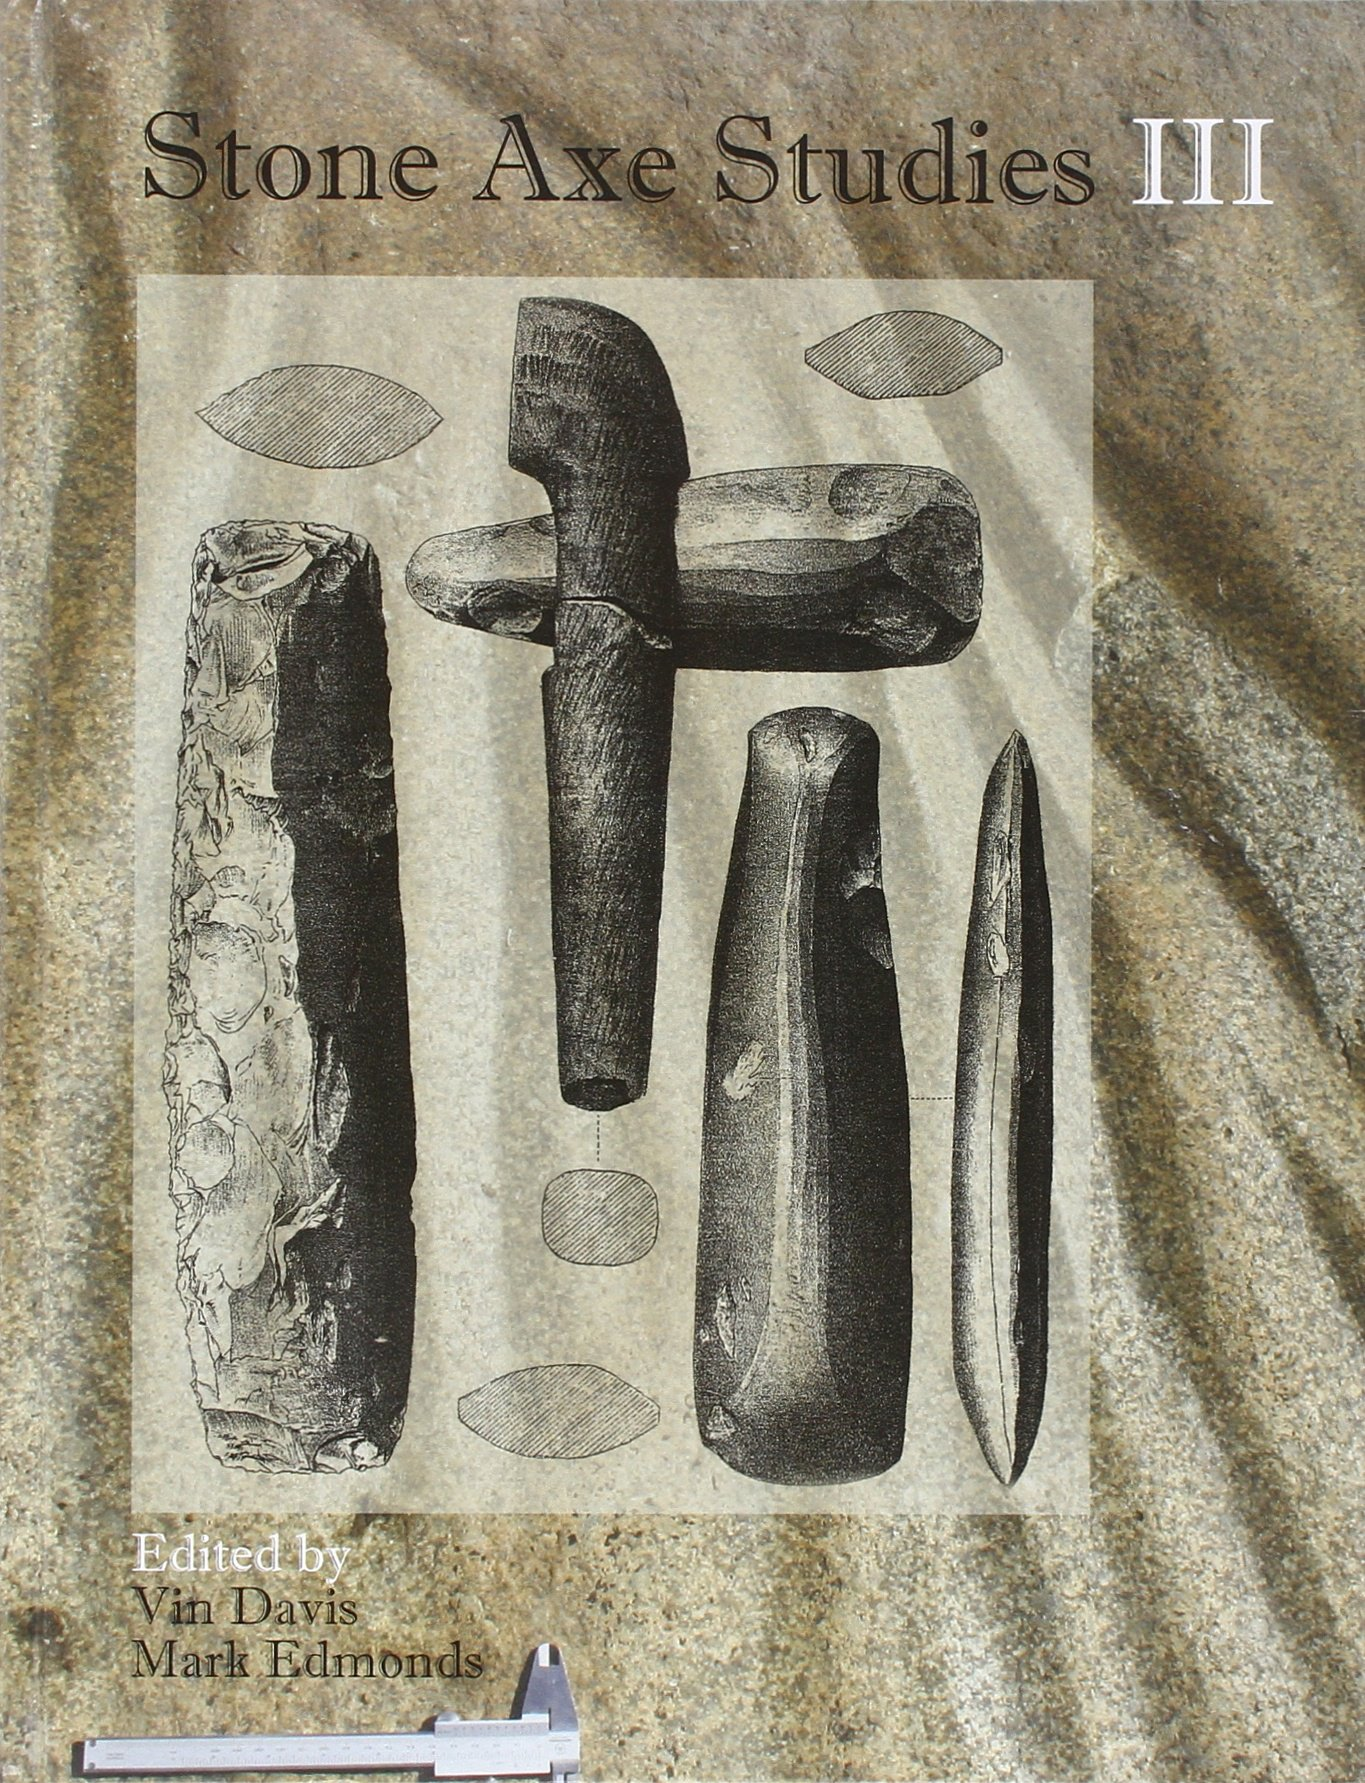 Stone Axe Studies III